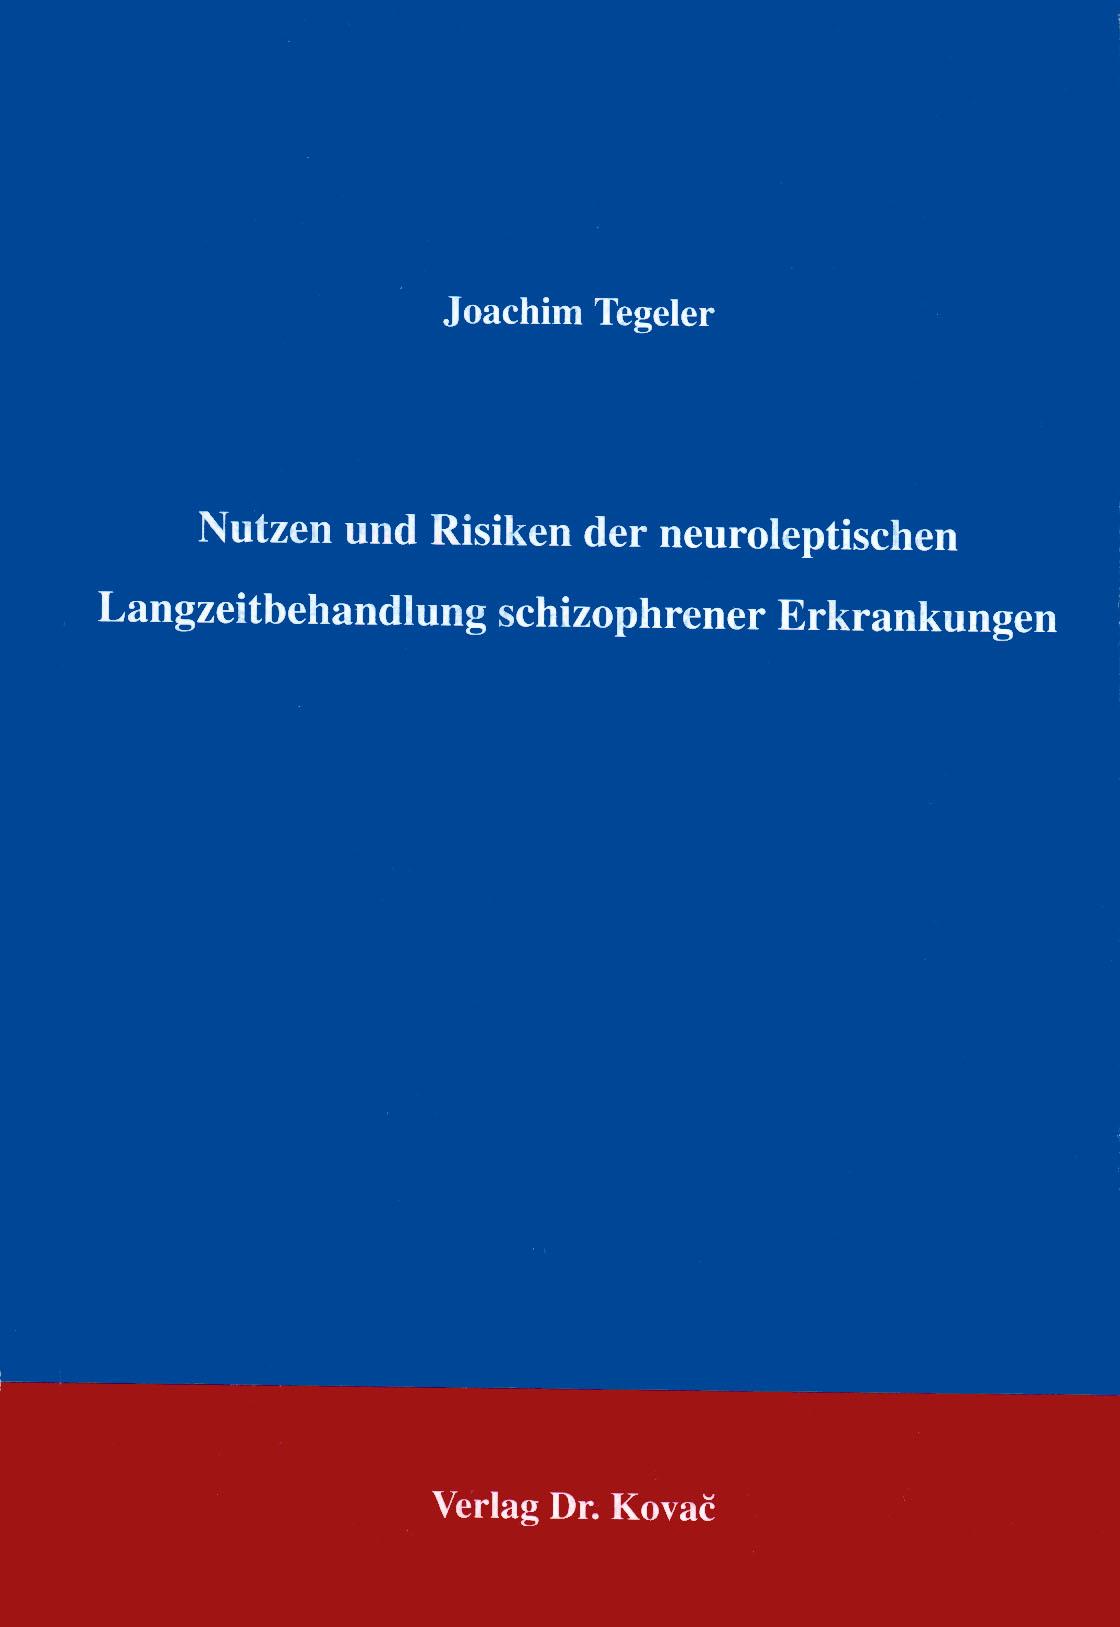 Cover: Nutzen und Risiken der neuroleptischen Langzeitbehandlung schizophrener Erkrankungen